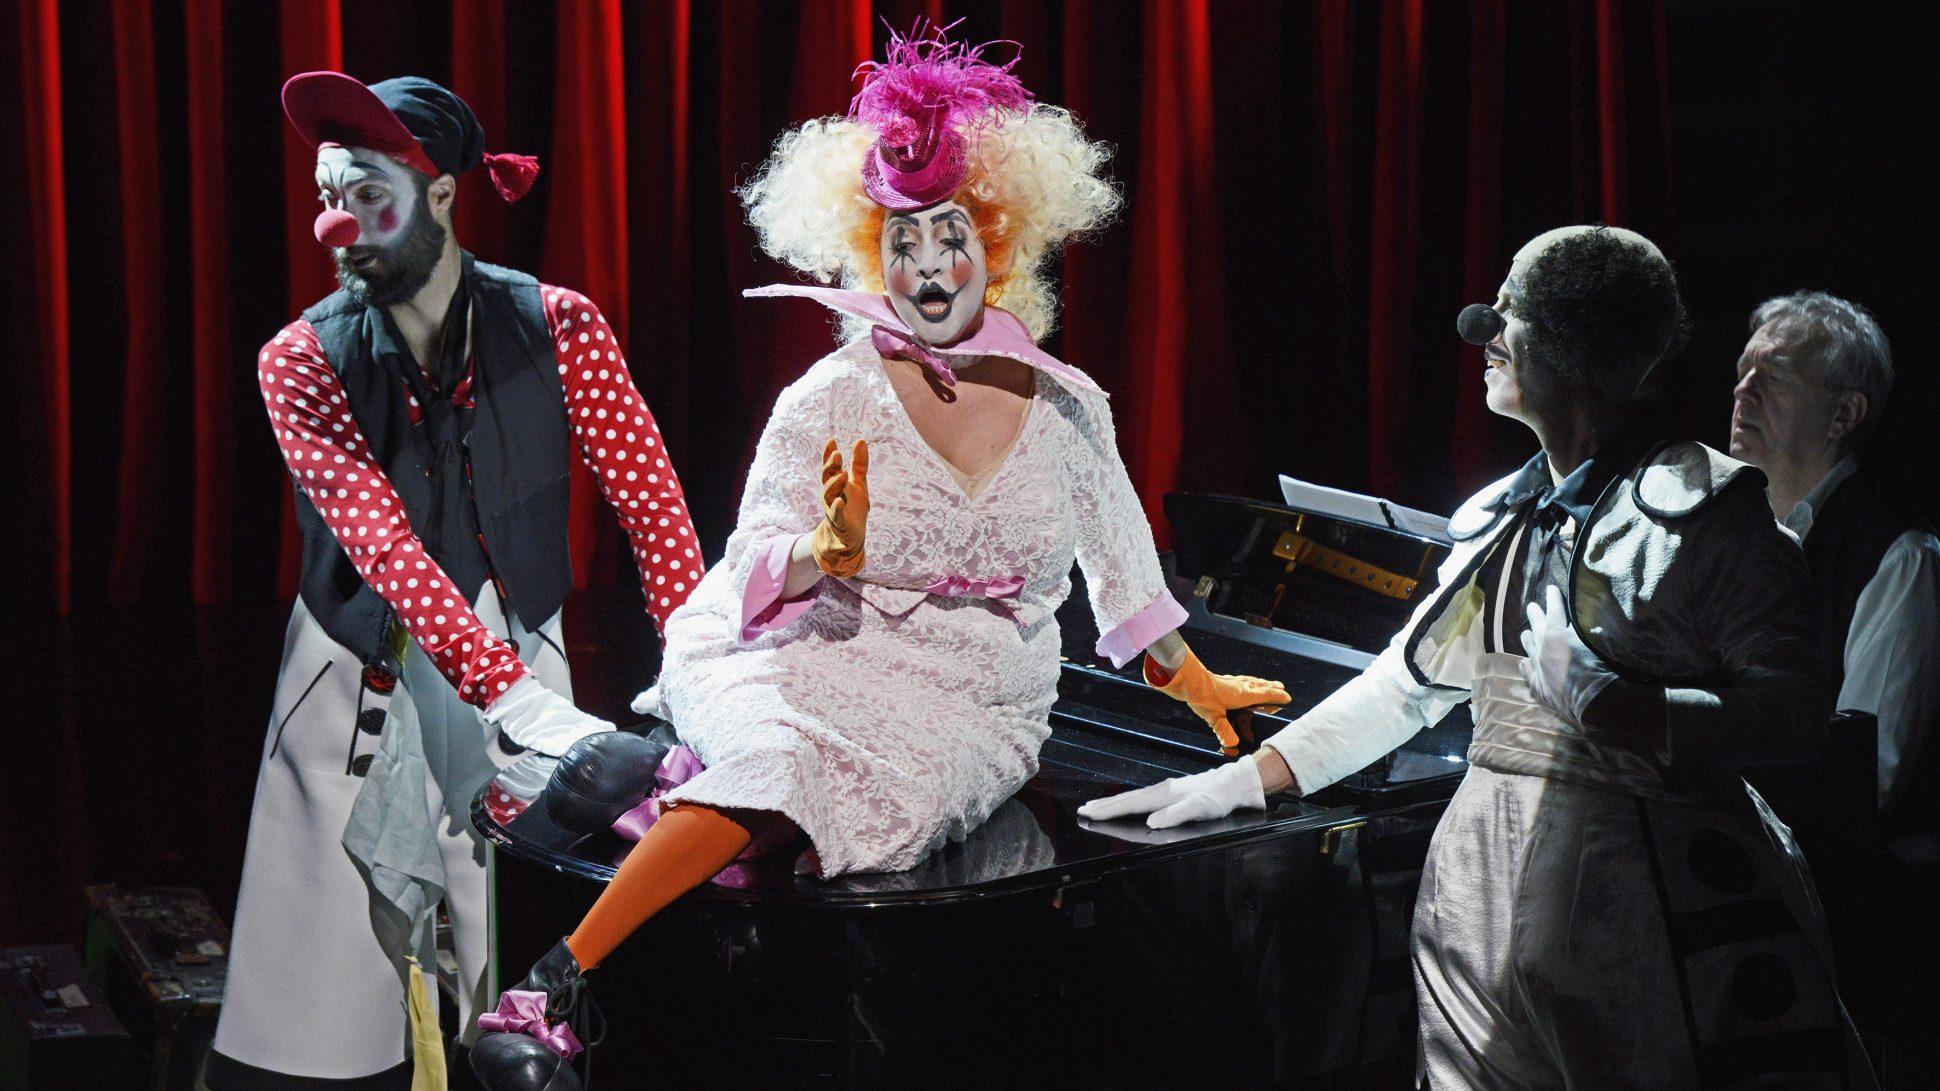 luzerner_theater_viel_klaumauk_und_eine_hommage_an_das_ensemble1x